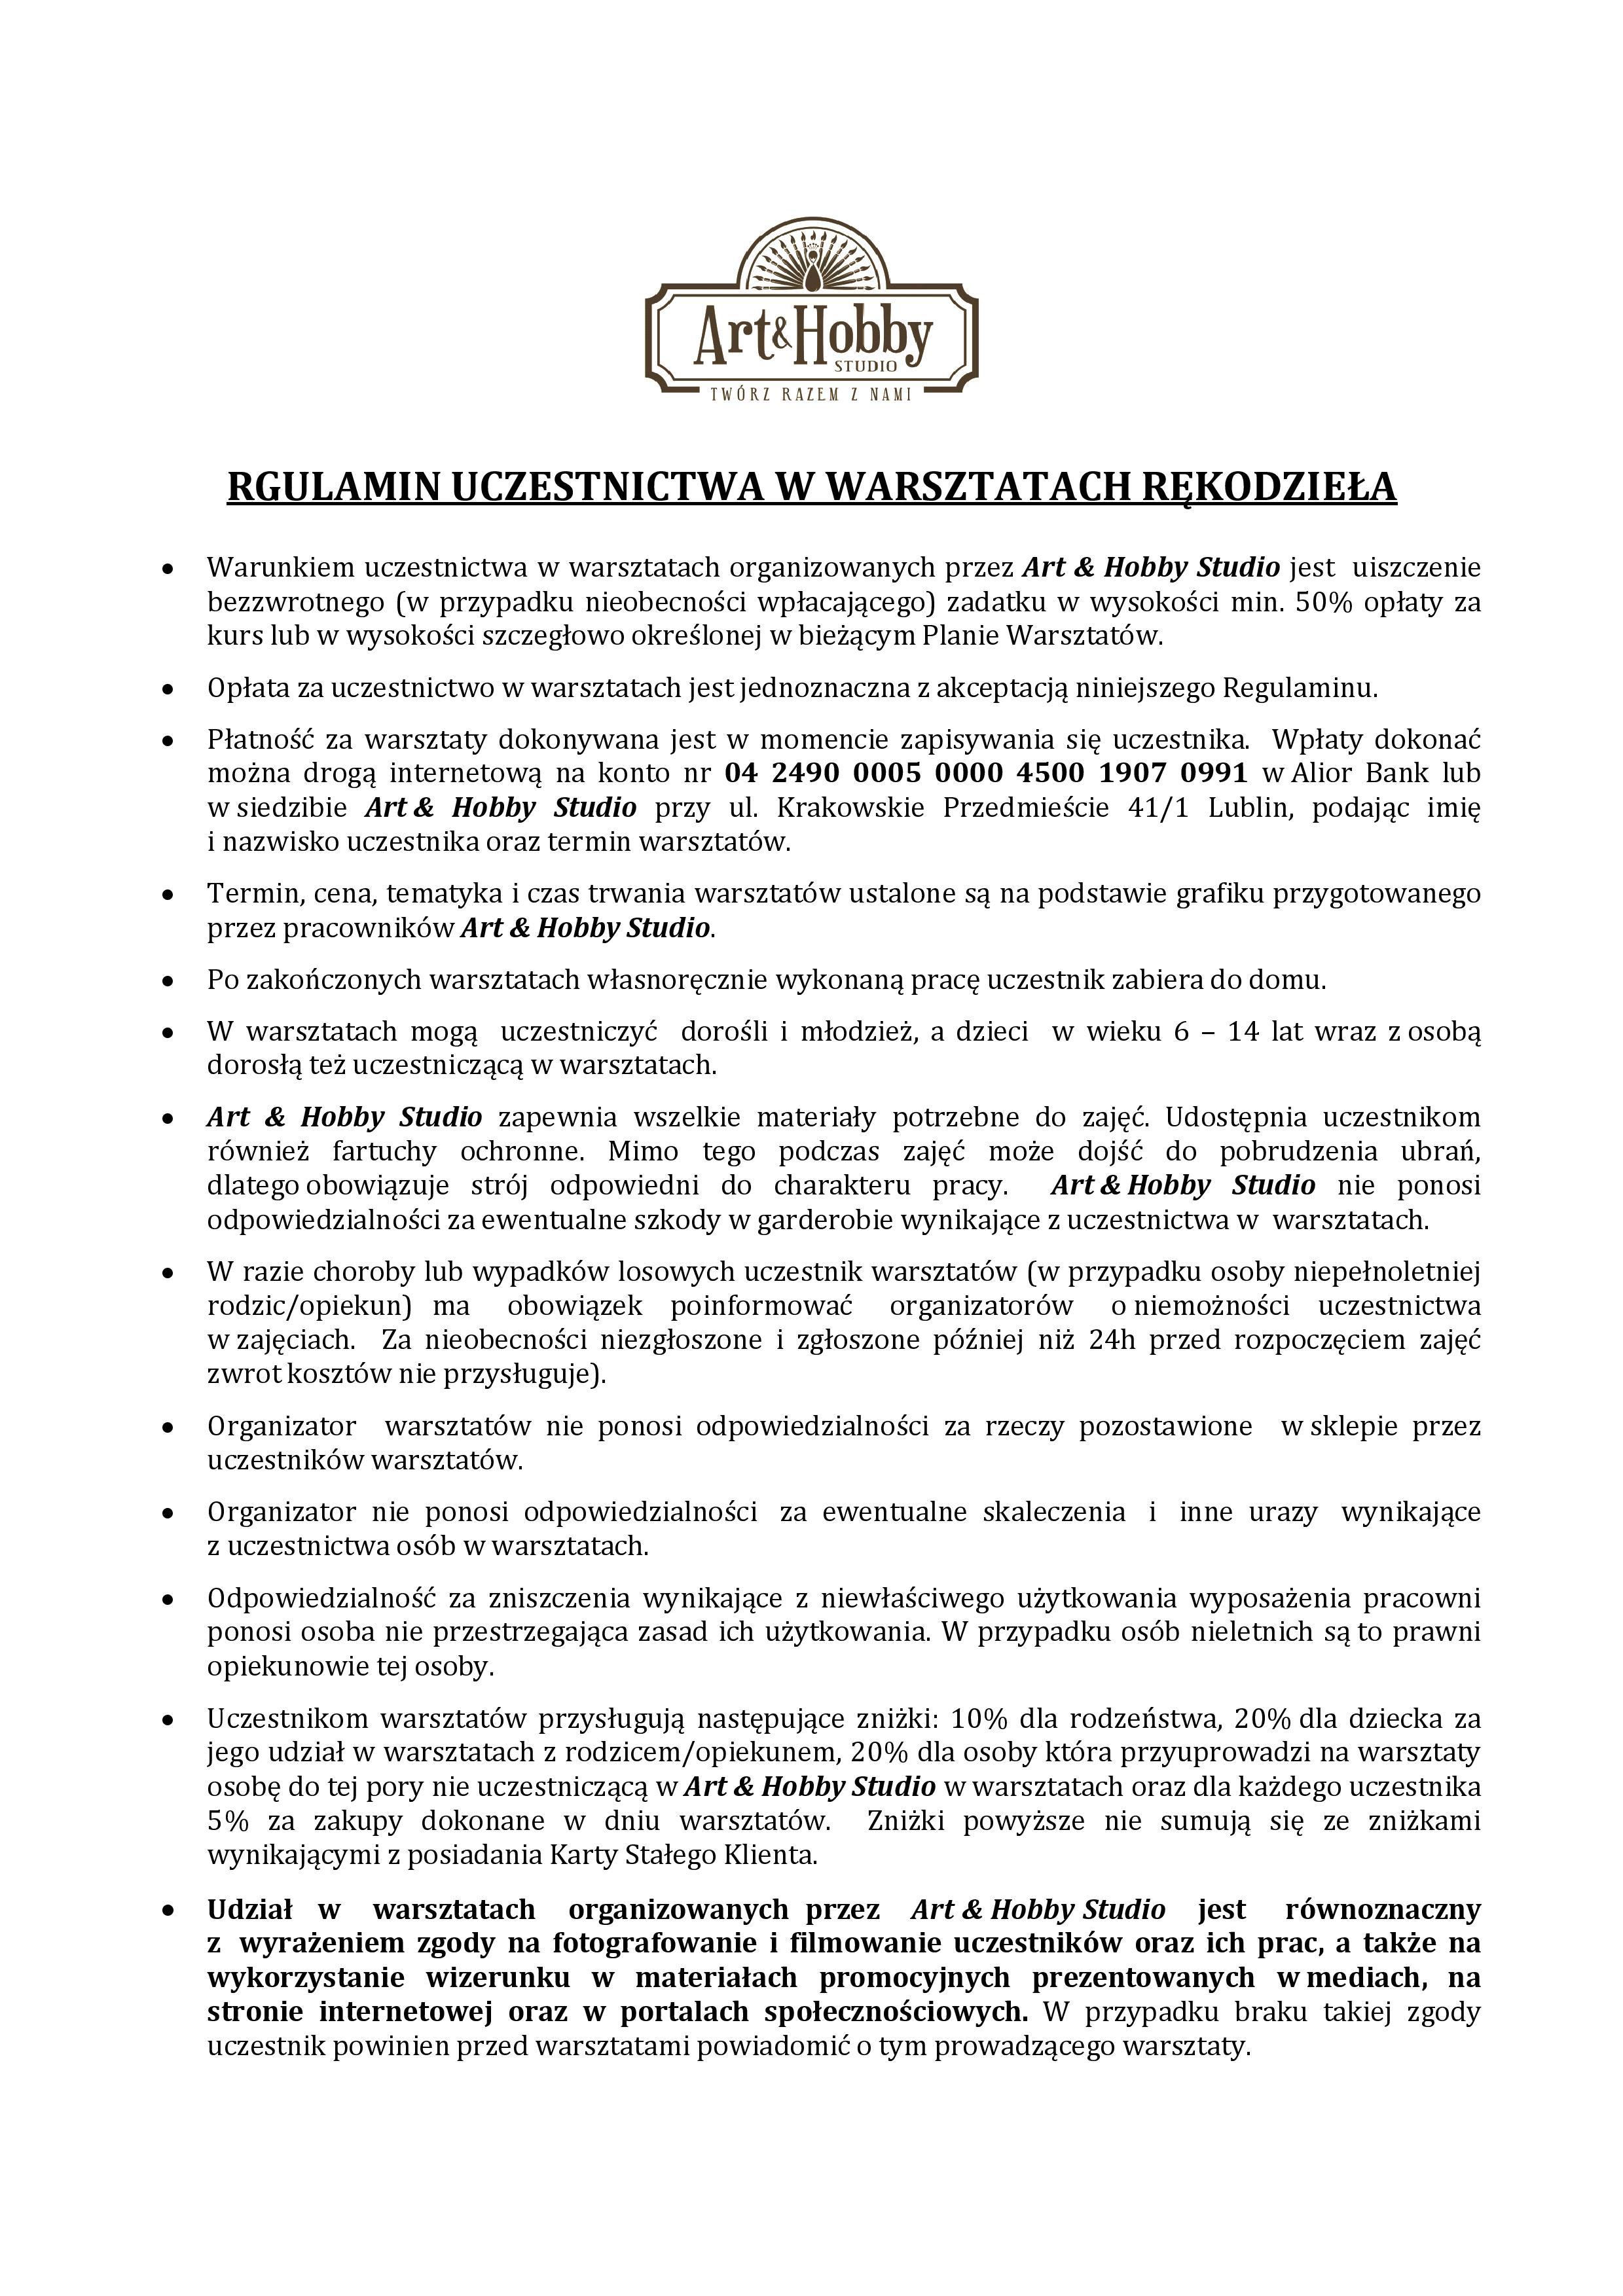 ahs-regulamin-warsztatow-2016-page-001